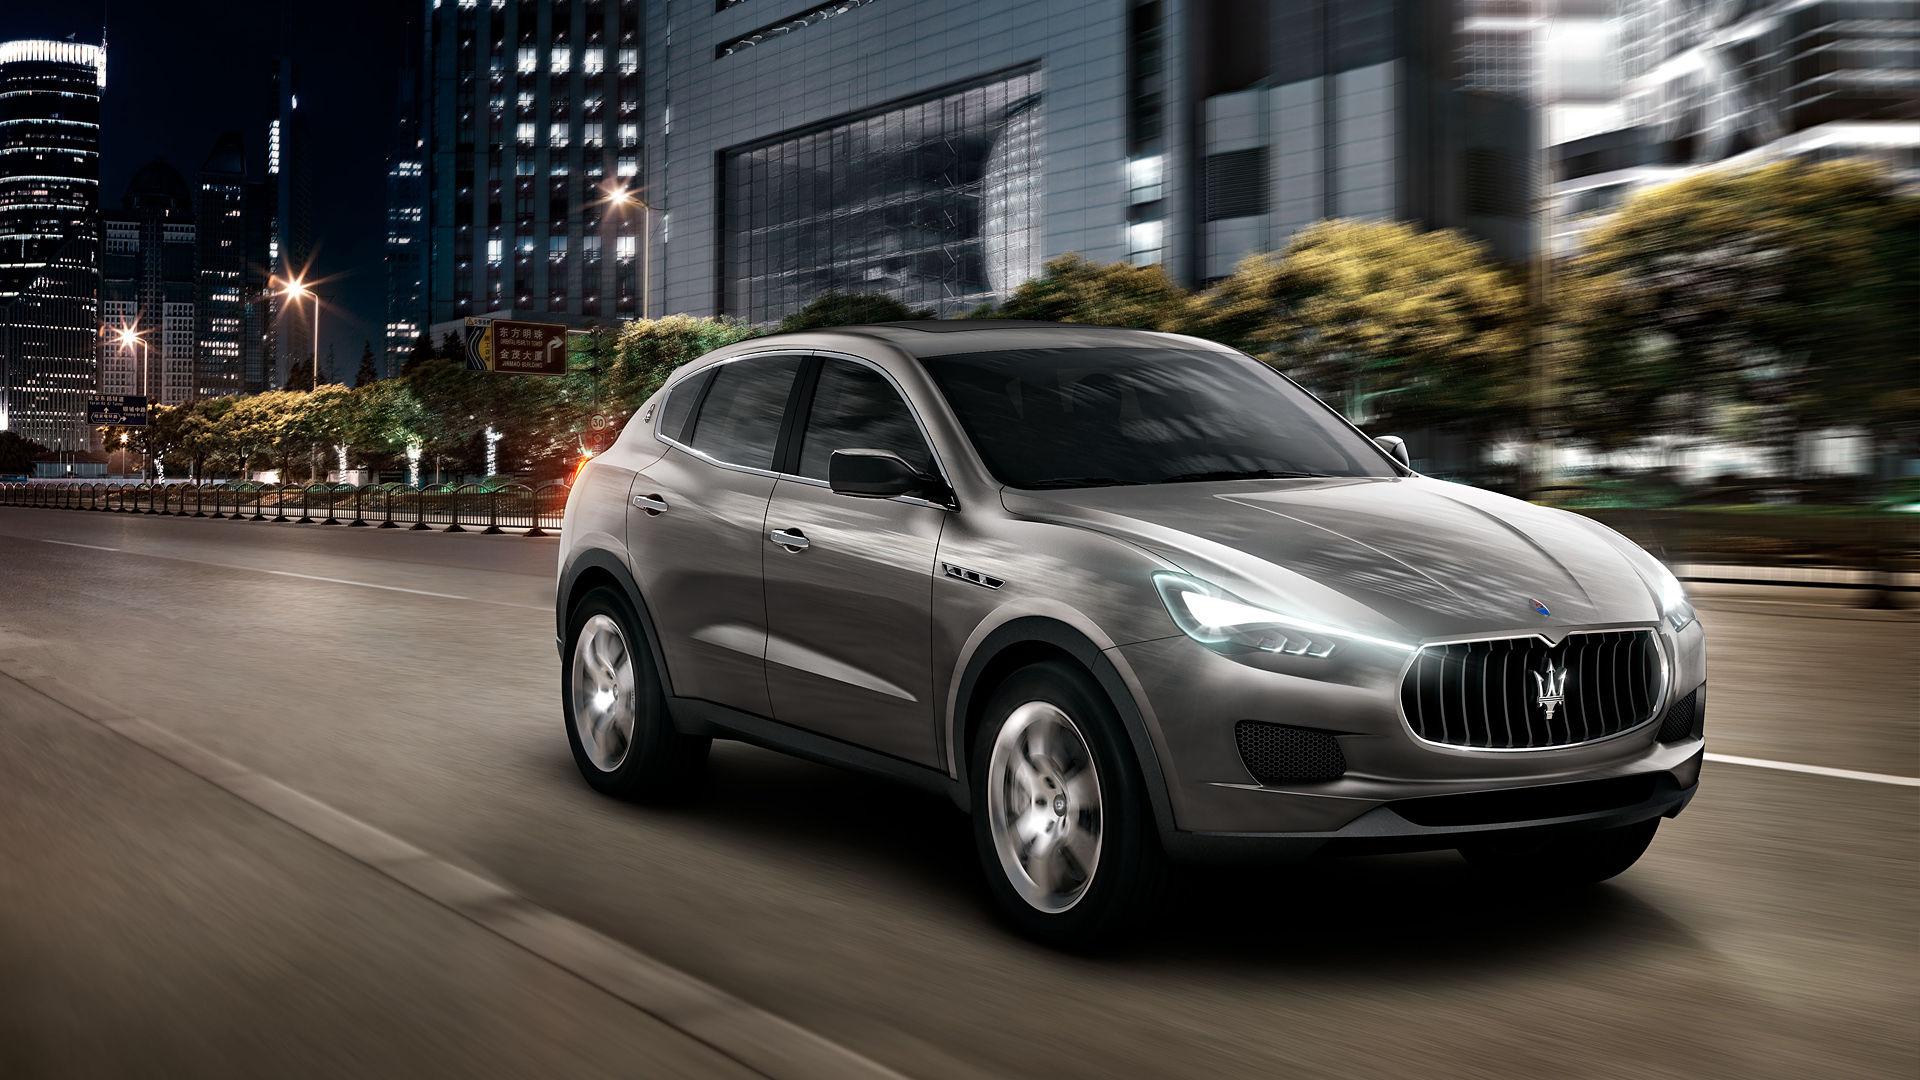 2011 Maserati Kubang Concept